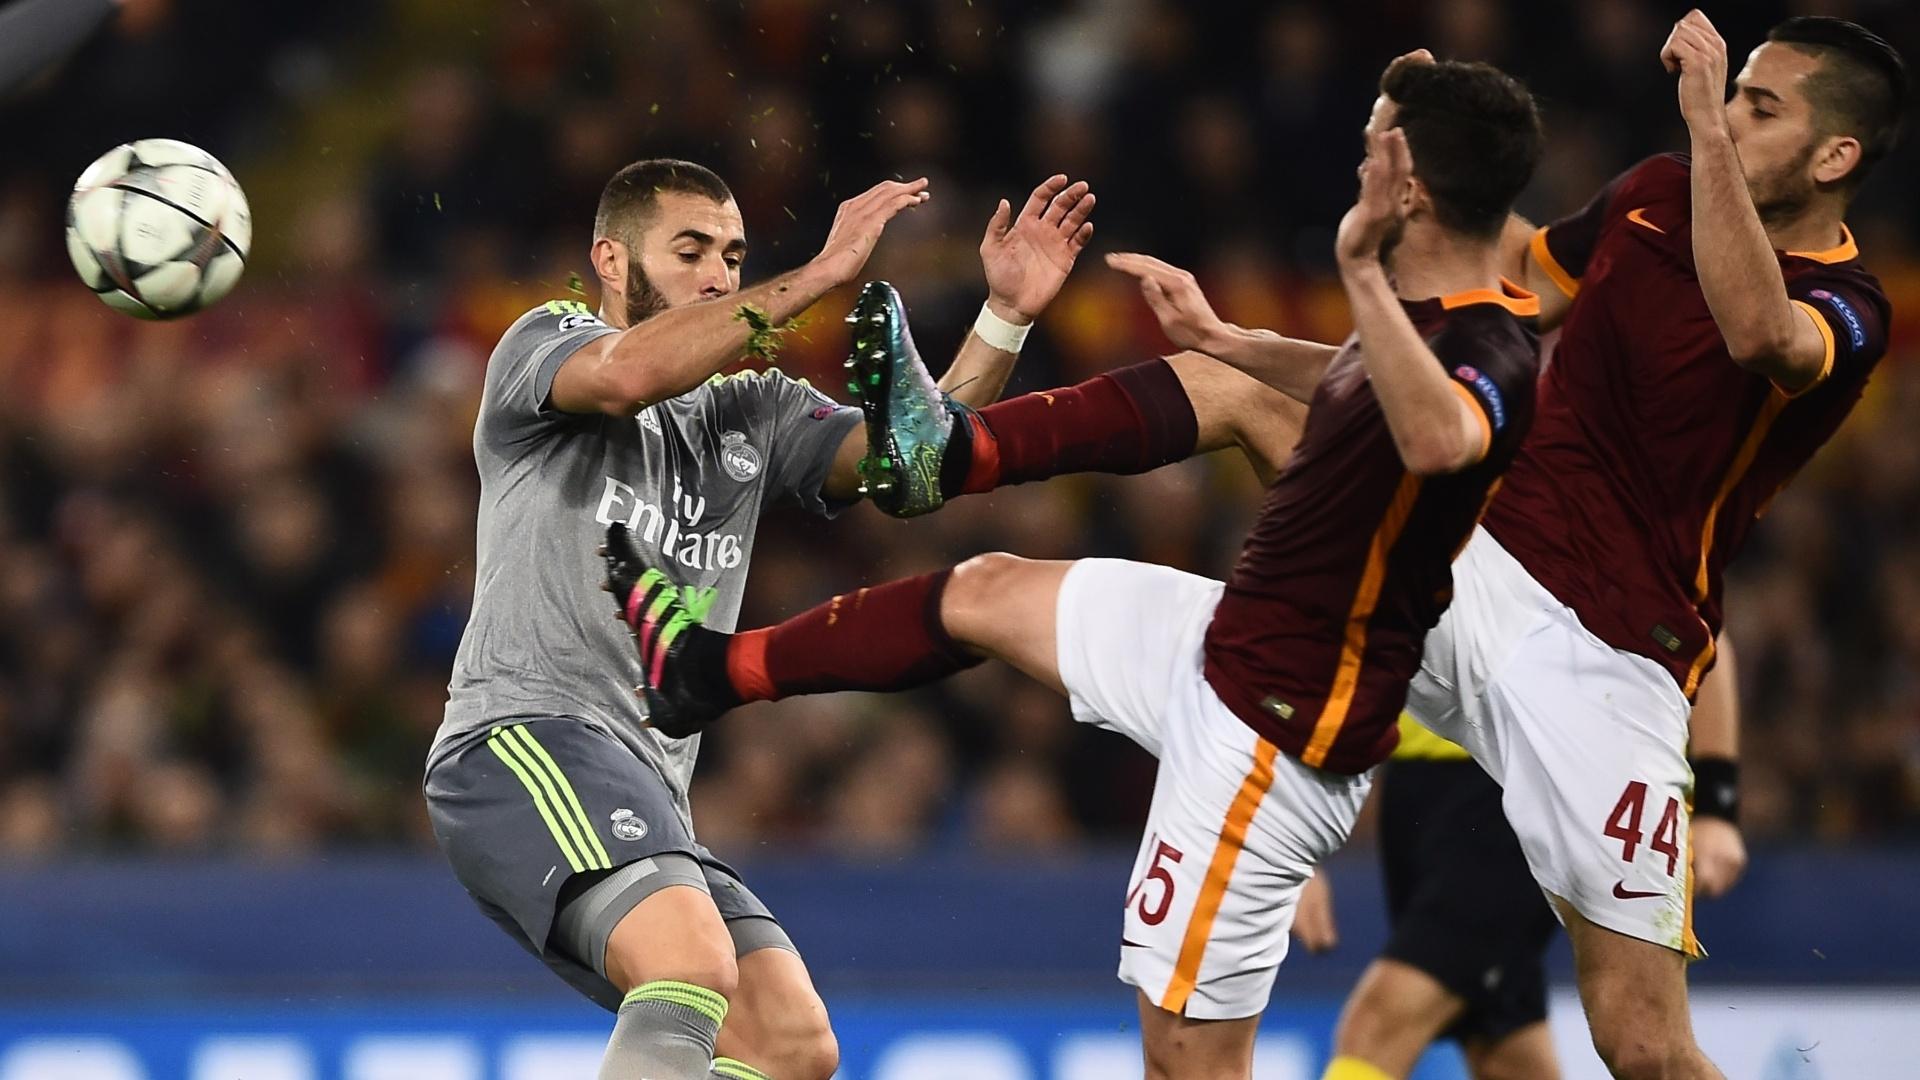 Jogadores da Roma se envolvem em jogada violenta com Benzema